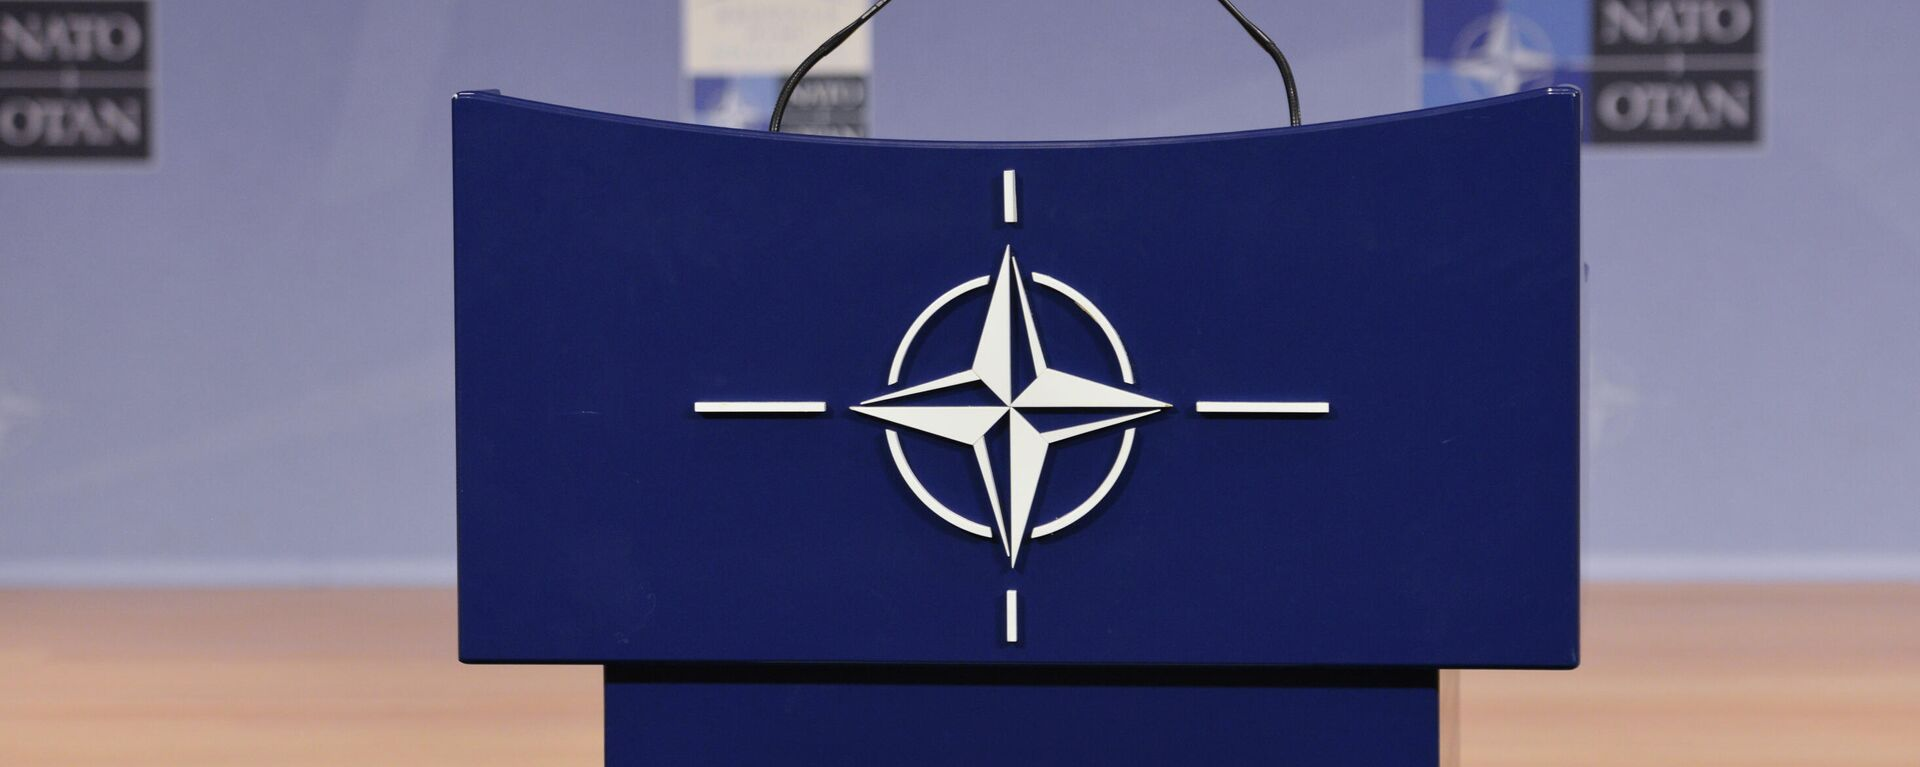 Nato-Emblem - SNA, 1920, 27.05.2021